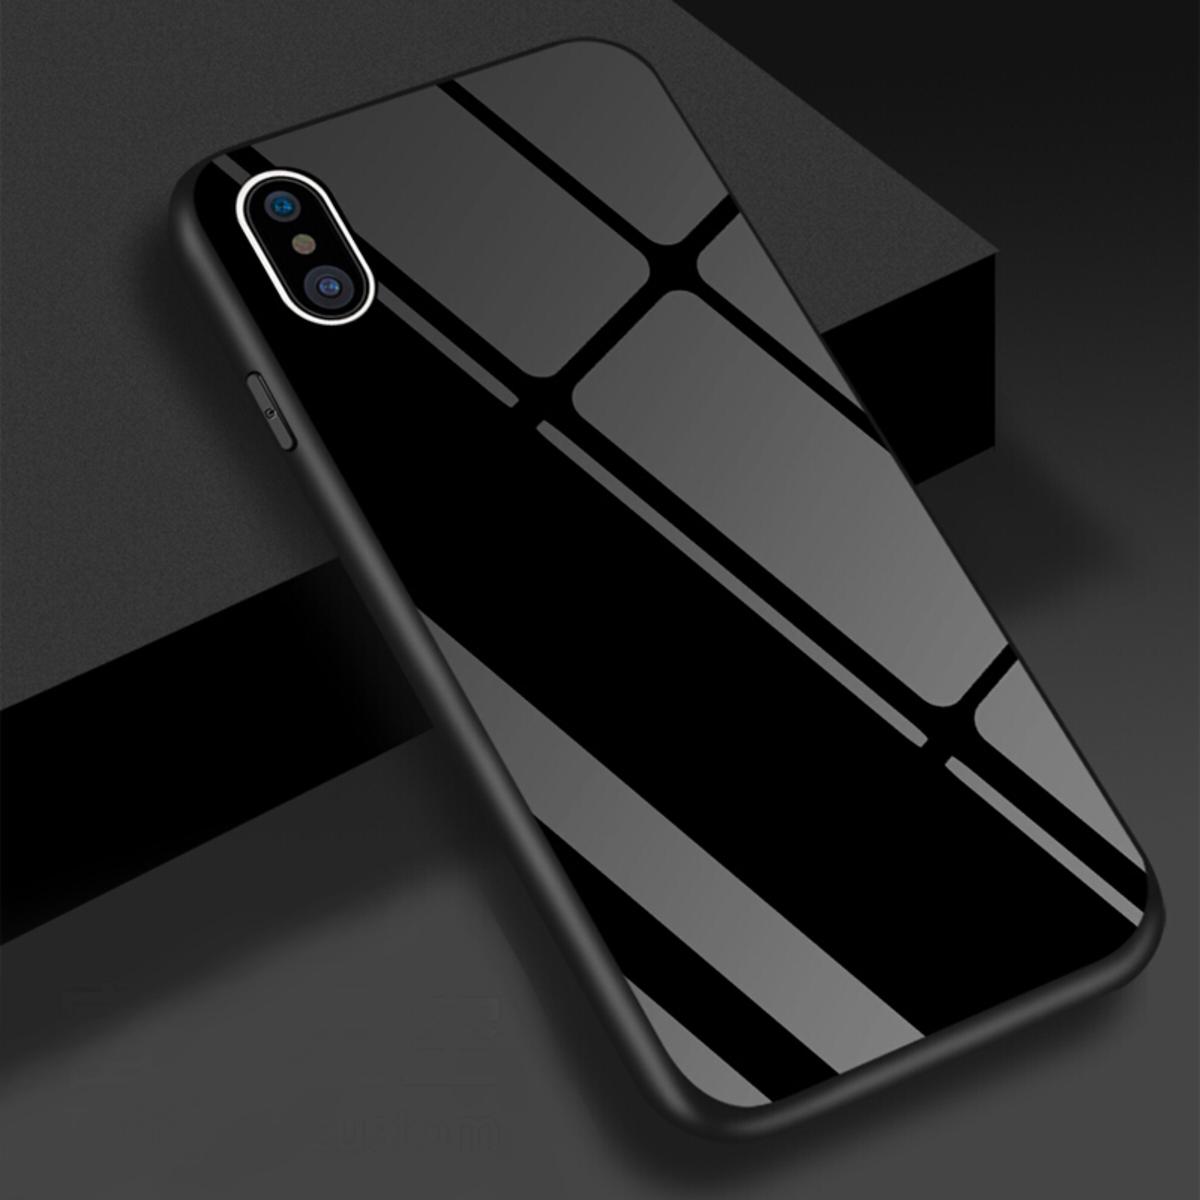 iPhone 7Plus/8Plus 3D Phone Case (Black)